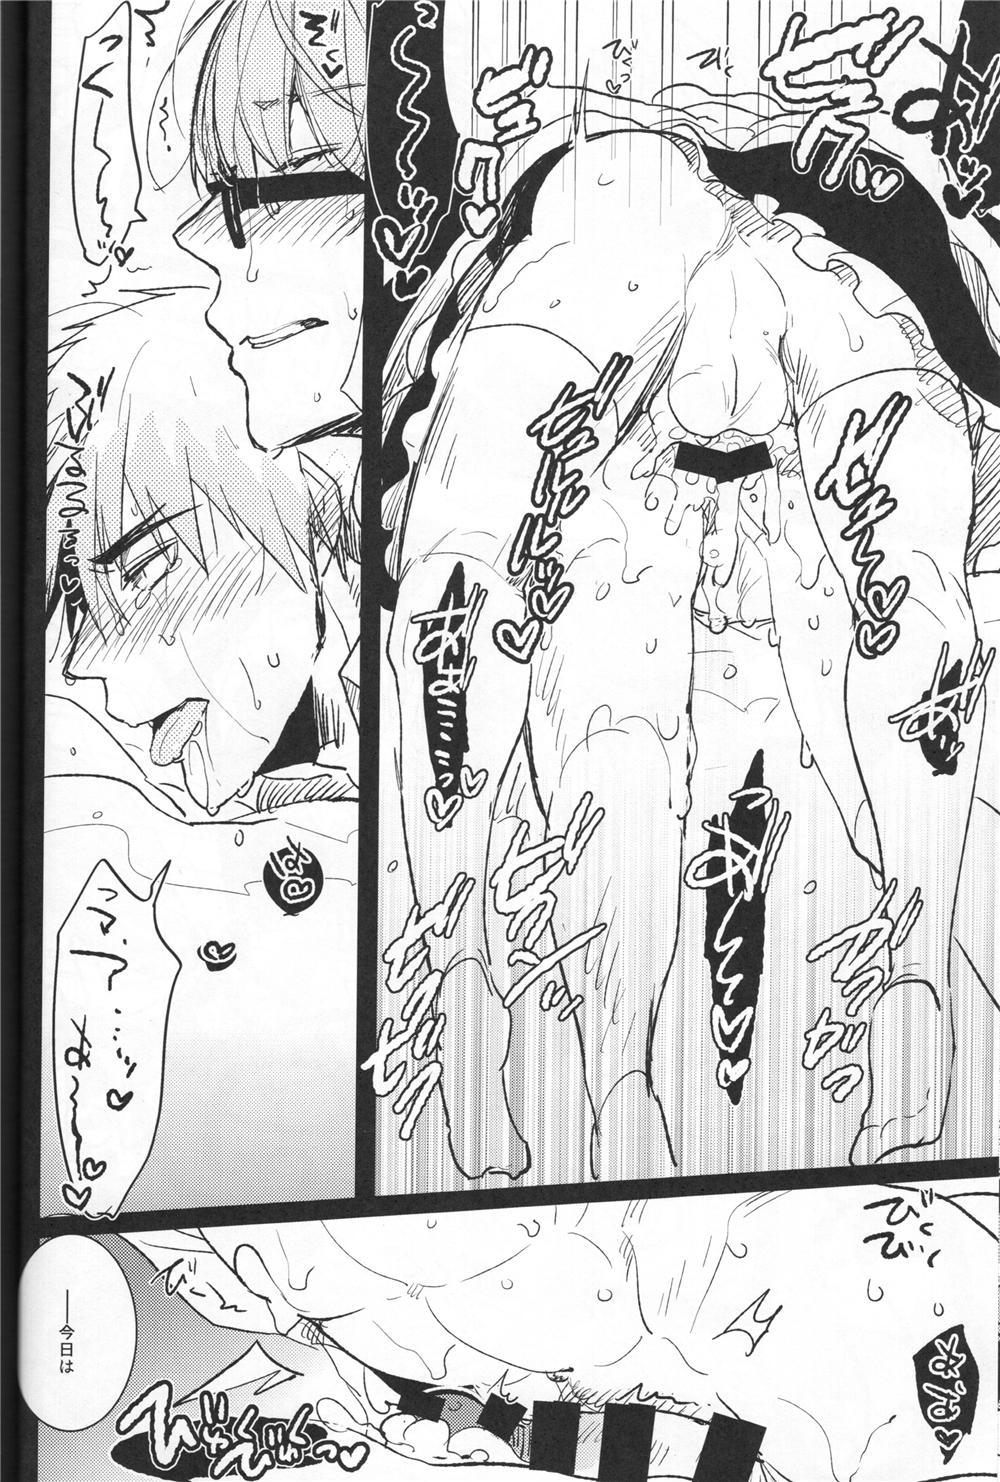 Kaleidoscope Kagami-kun no Erohon 5 20